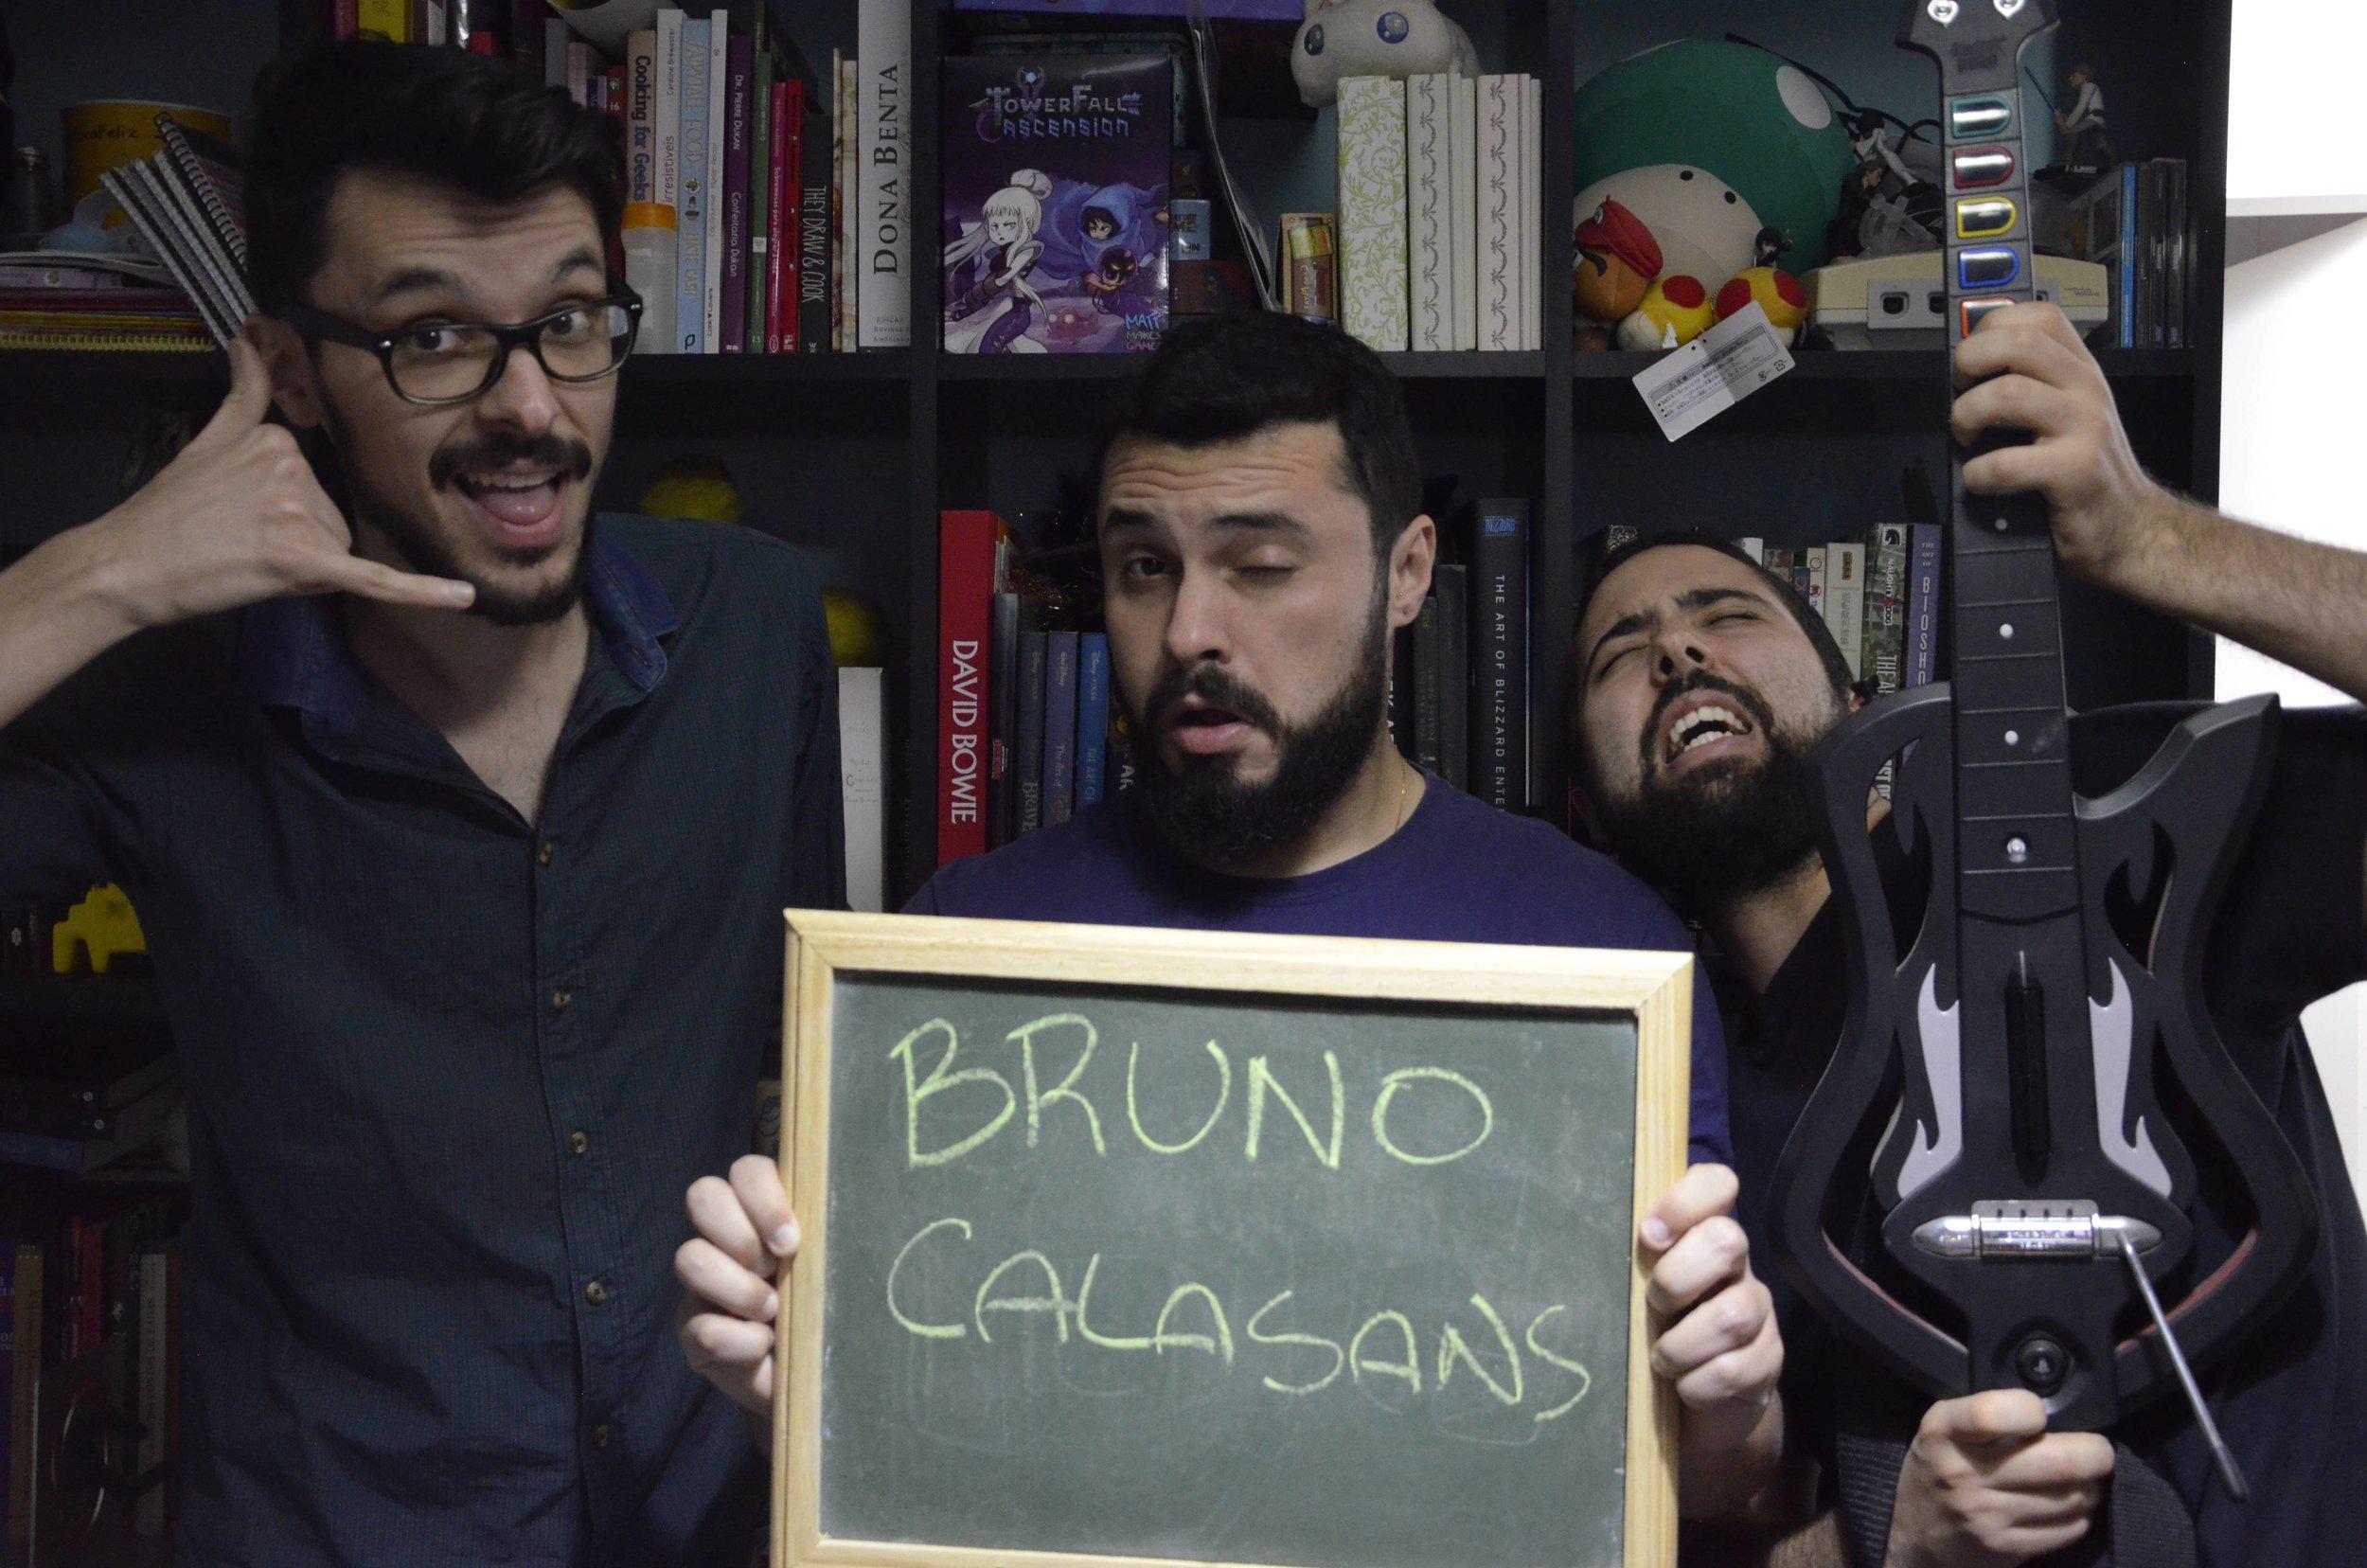 Bruno-Calasans.jpg